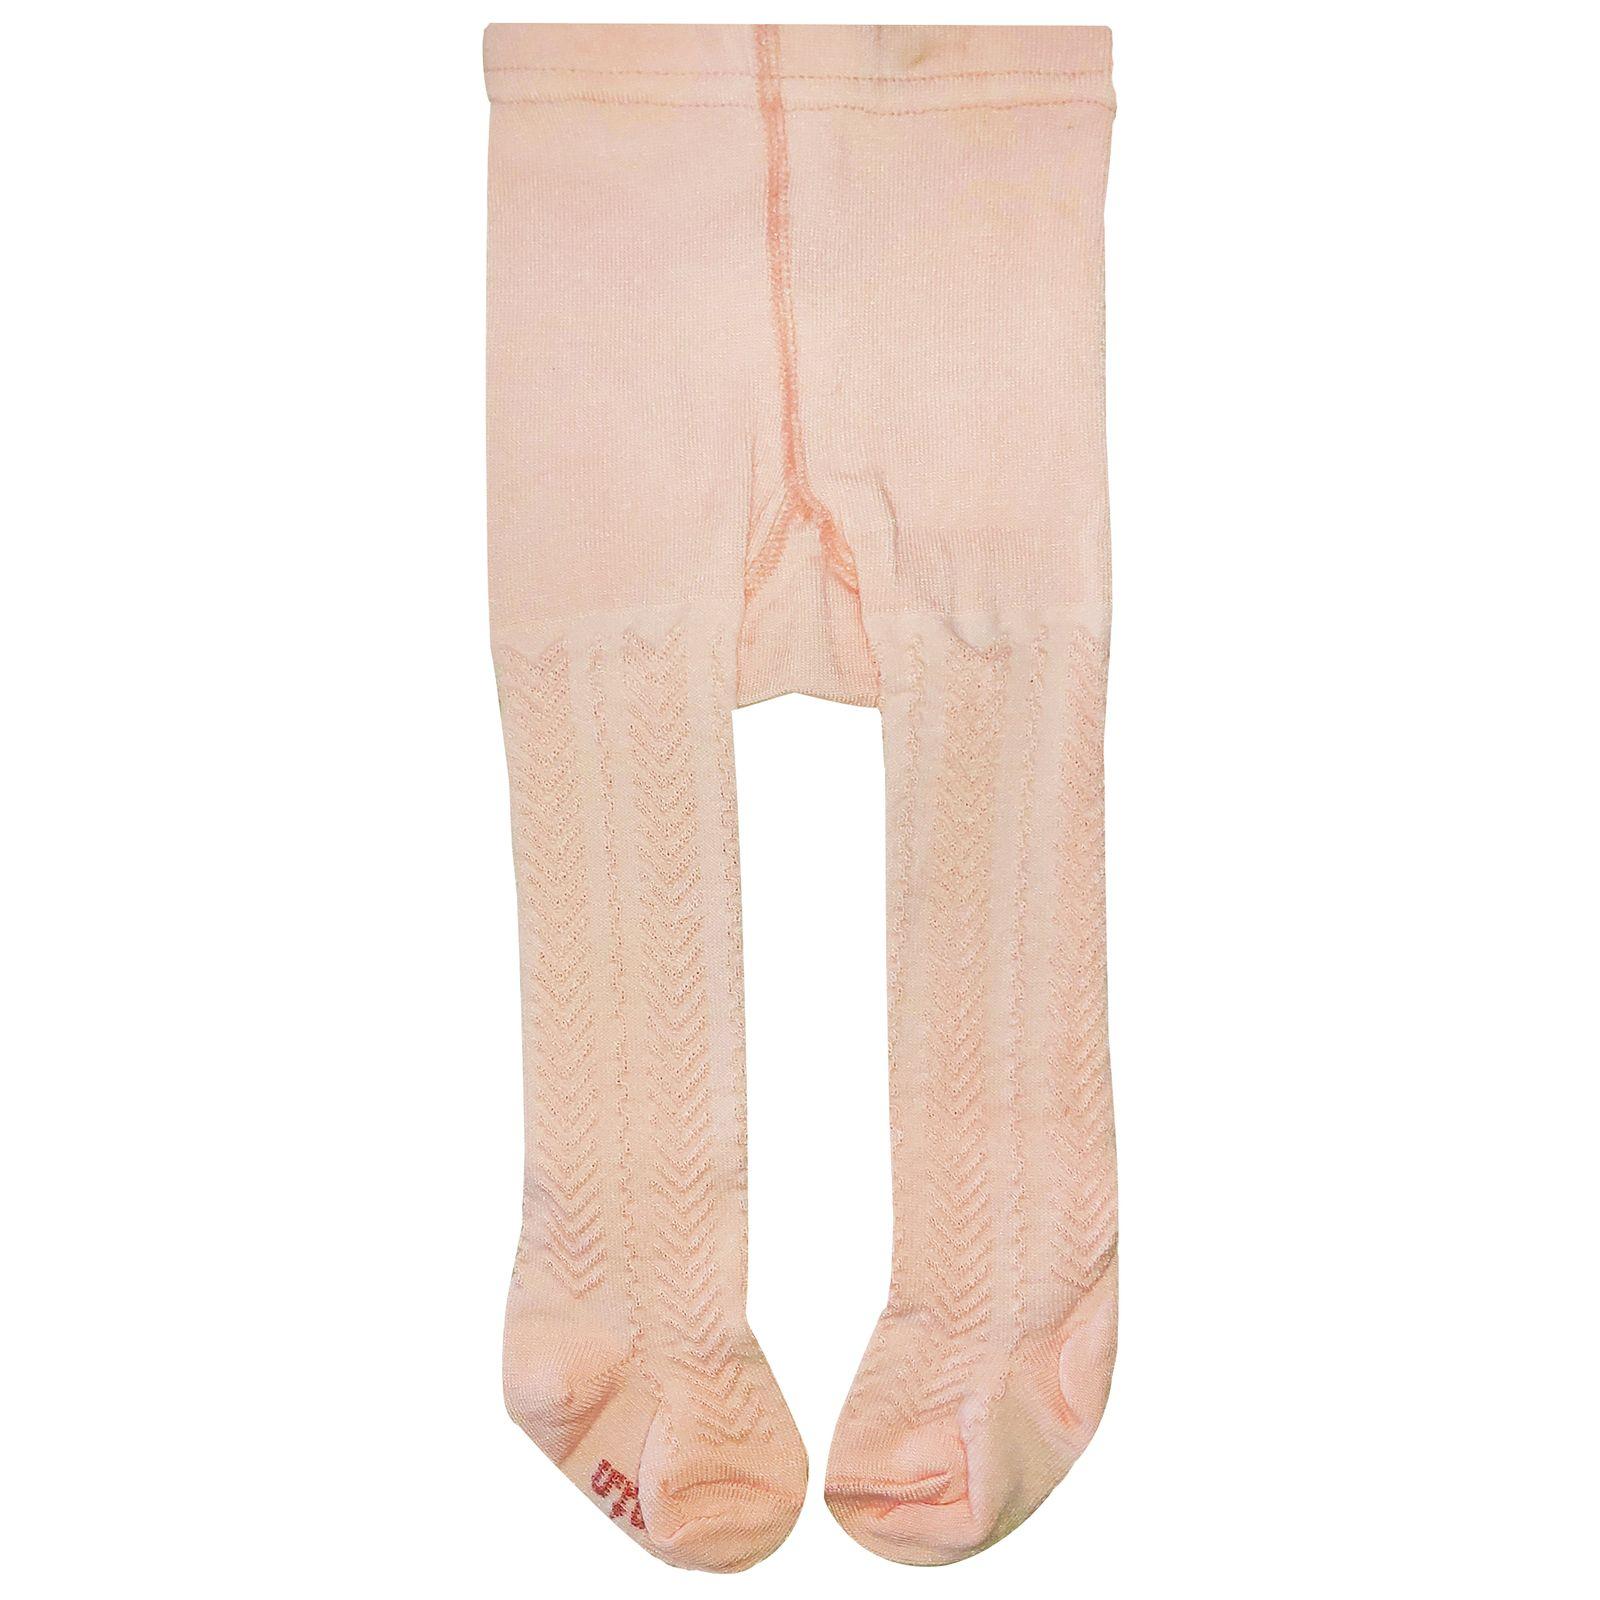 جوراب شلواری دخترانه پاتن کد PK02 -  - 2